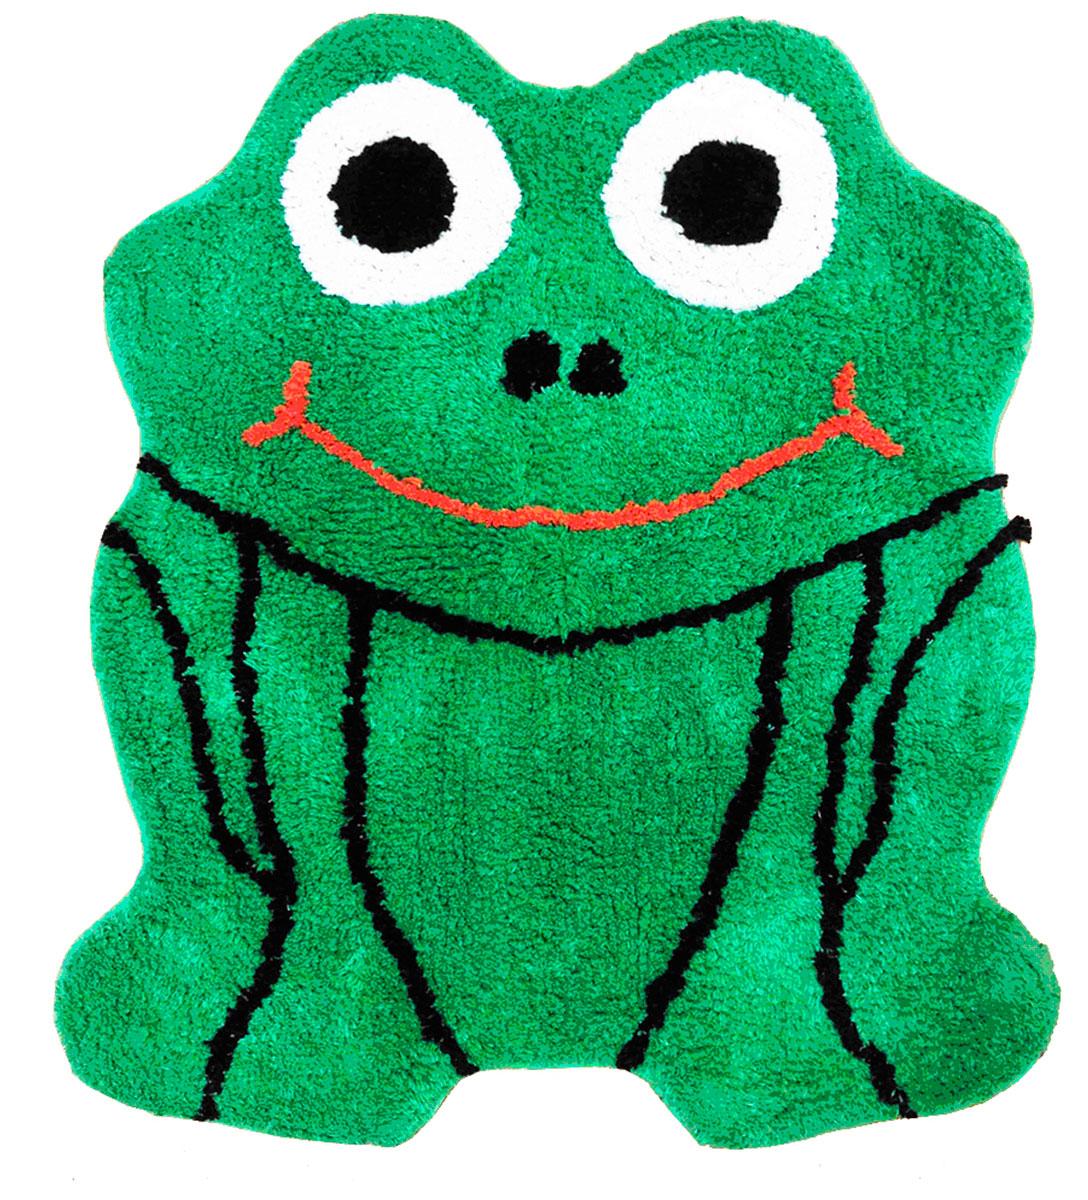 Коврик прикроватный Arloni Лягушка, цвет: зеленый, 50 x 65 см. 1209.61209.6Коврик Arloni имеет оригинальный дизайн в виде лягушки. Он необычайномягкий и очень приятный на ощупь. Коврик имеет ворс двух видов - длинный и короткий.Благодаря своему составу из 100% хлопка, он обладает гипоаллергеннымисвойствами, экологичен и очень удобен в использовании и в уходе.Коврикдолго прослужит ввашем доме, добавляя тепло и уют, а также внесет неповторимый колорит винтерьер любой комнаты.